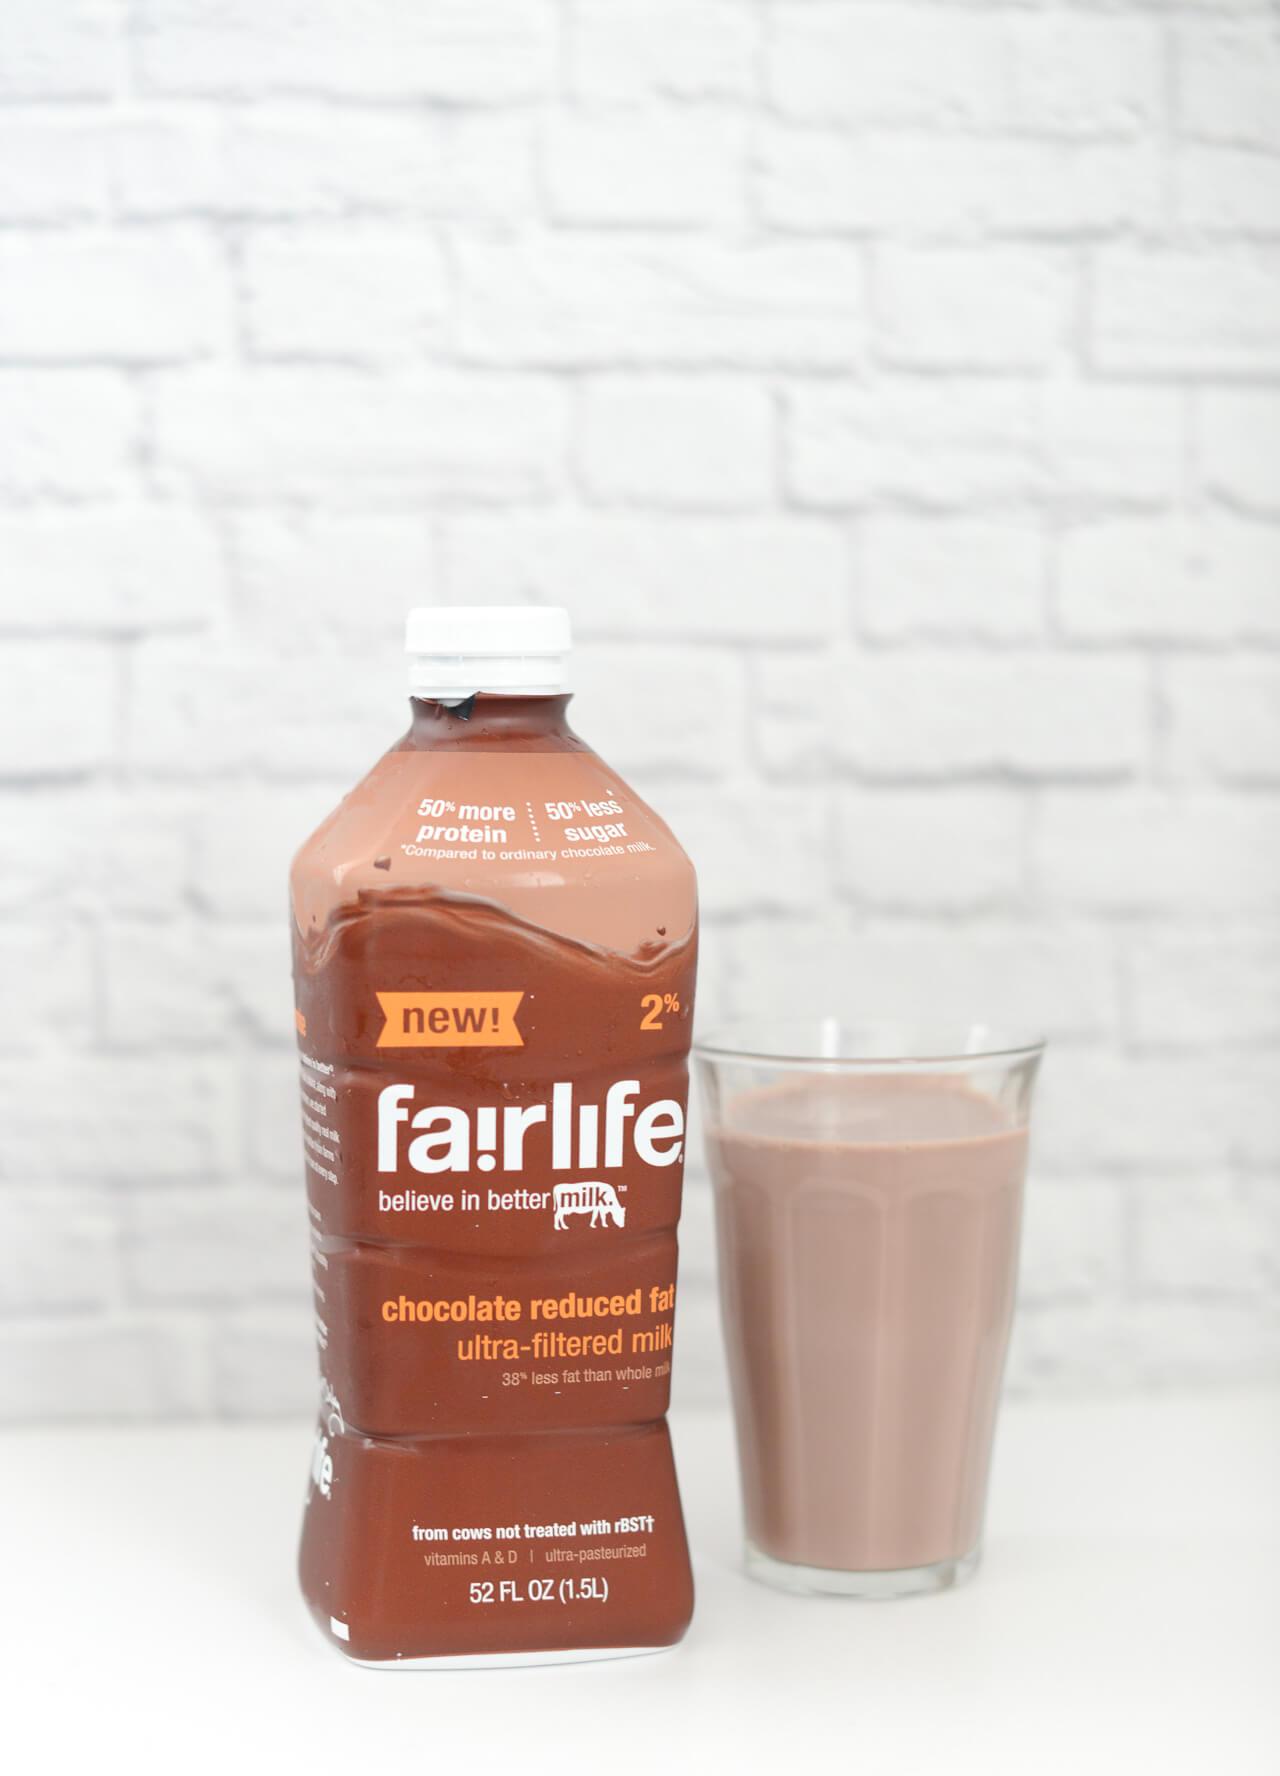 fairlife chocolate milk